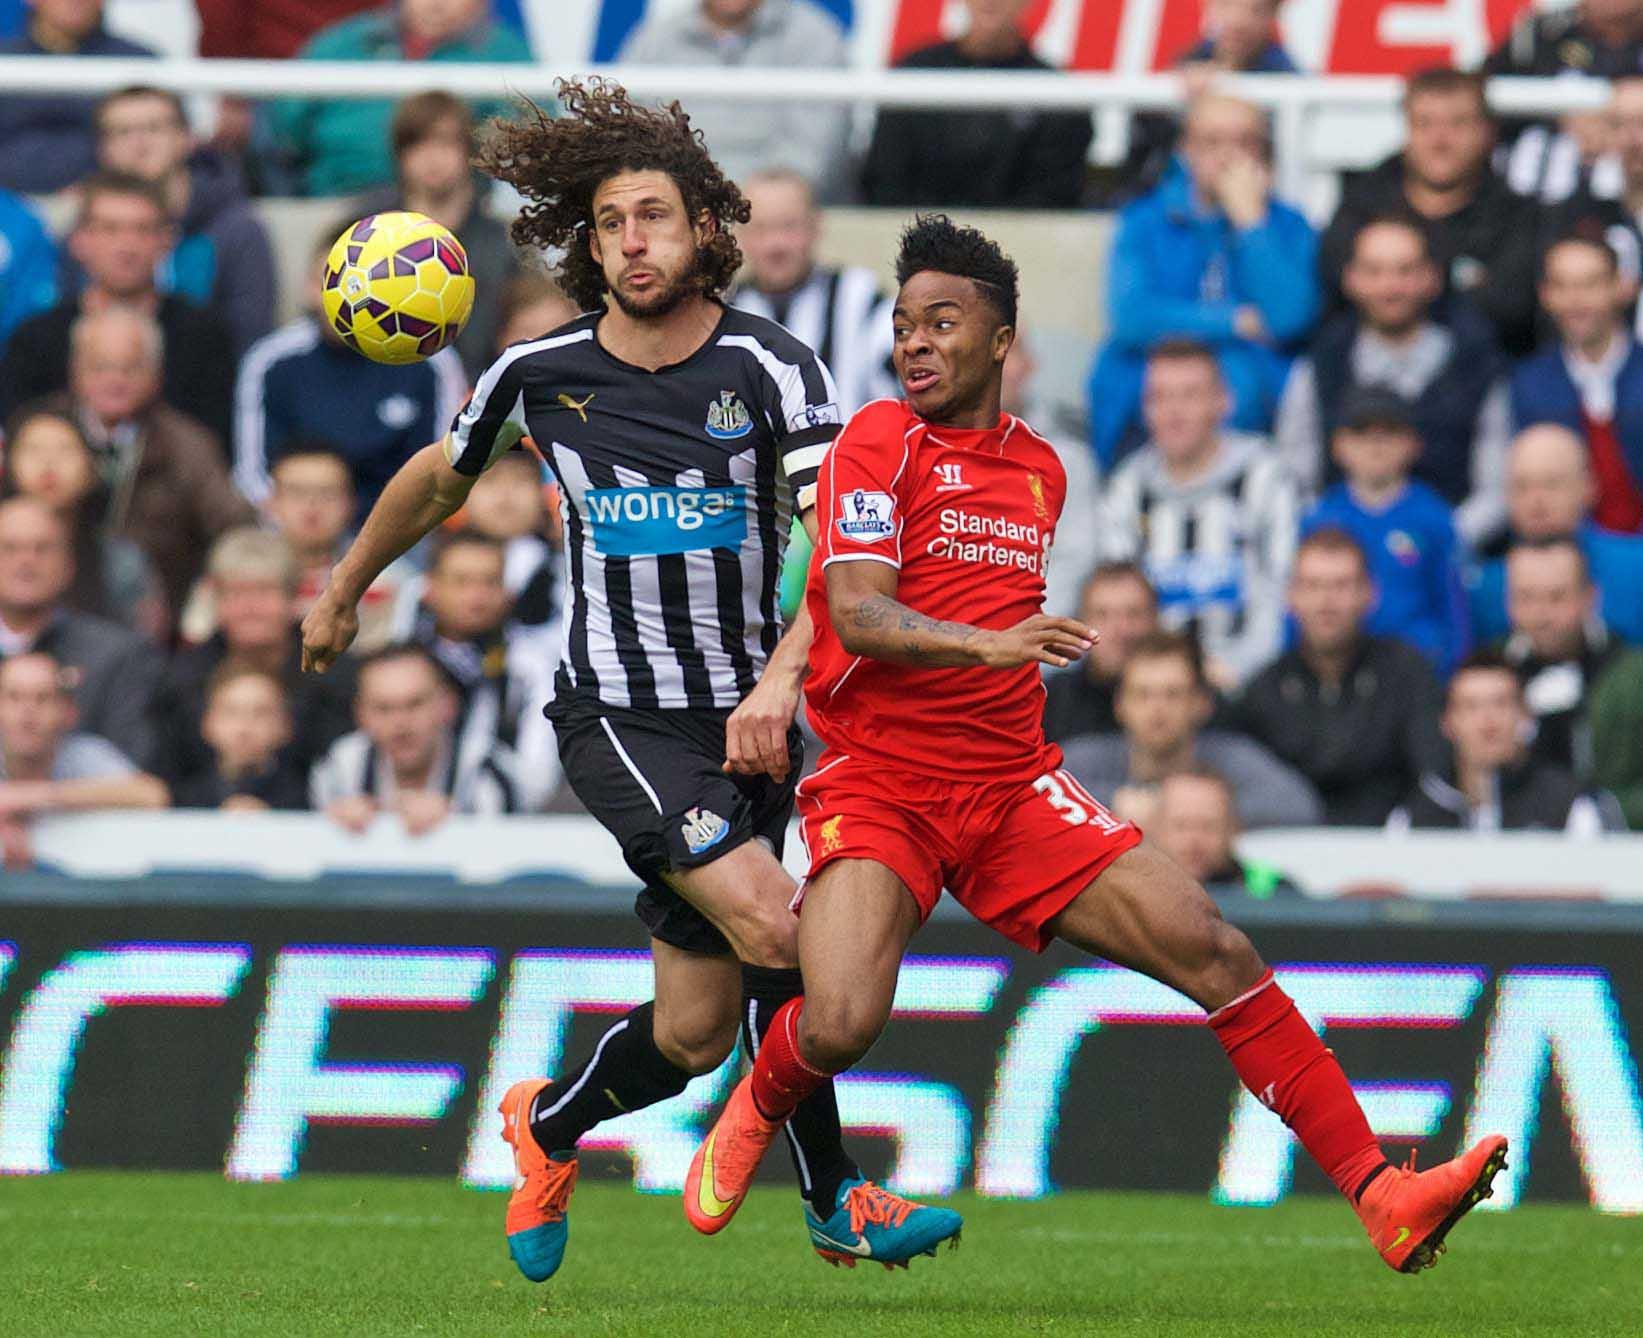 Football - FA Premier League - Newcastle United FC v Liverpool FC